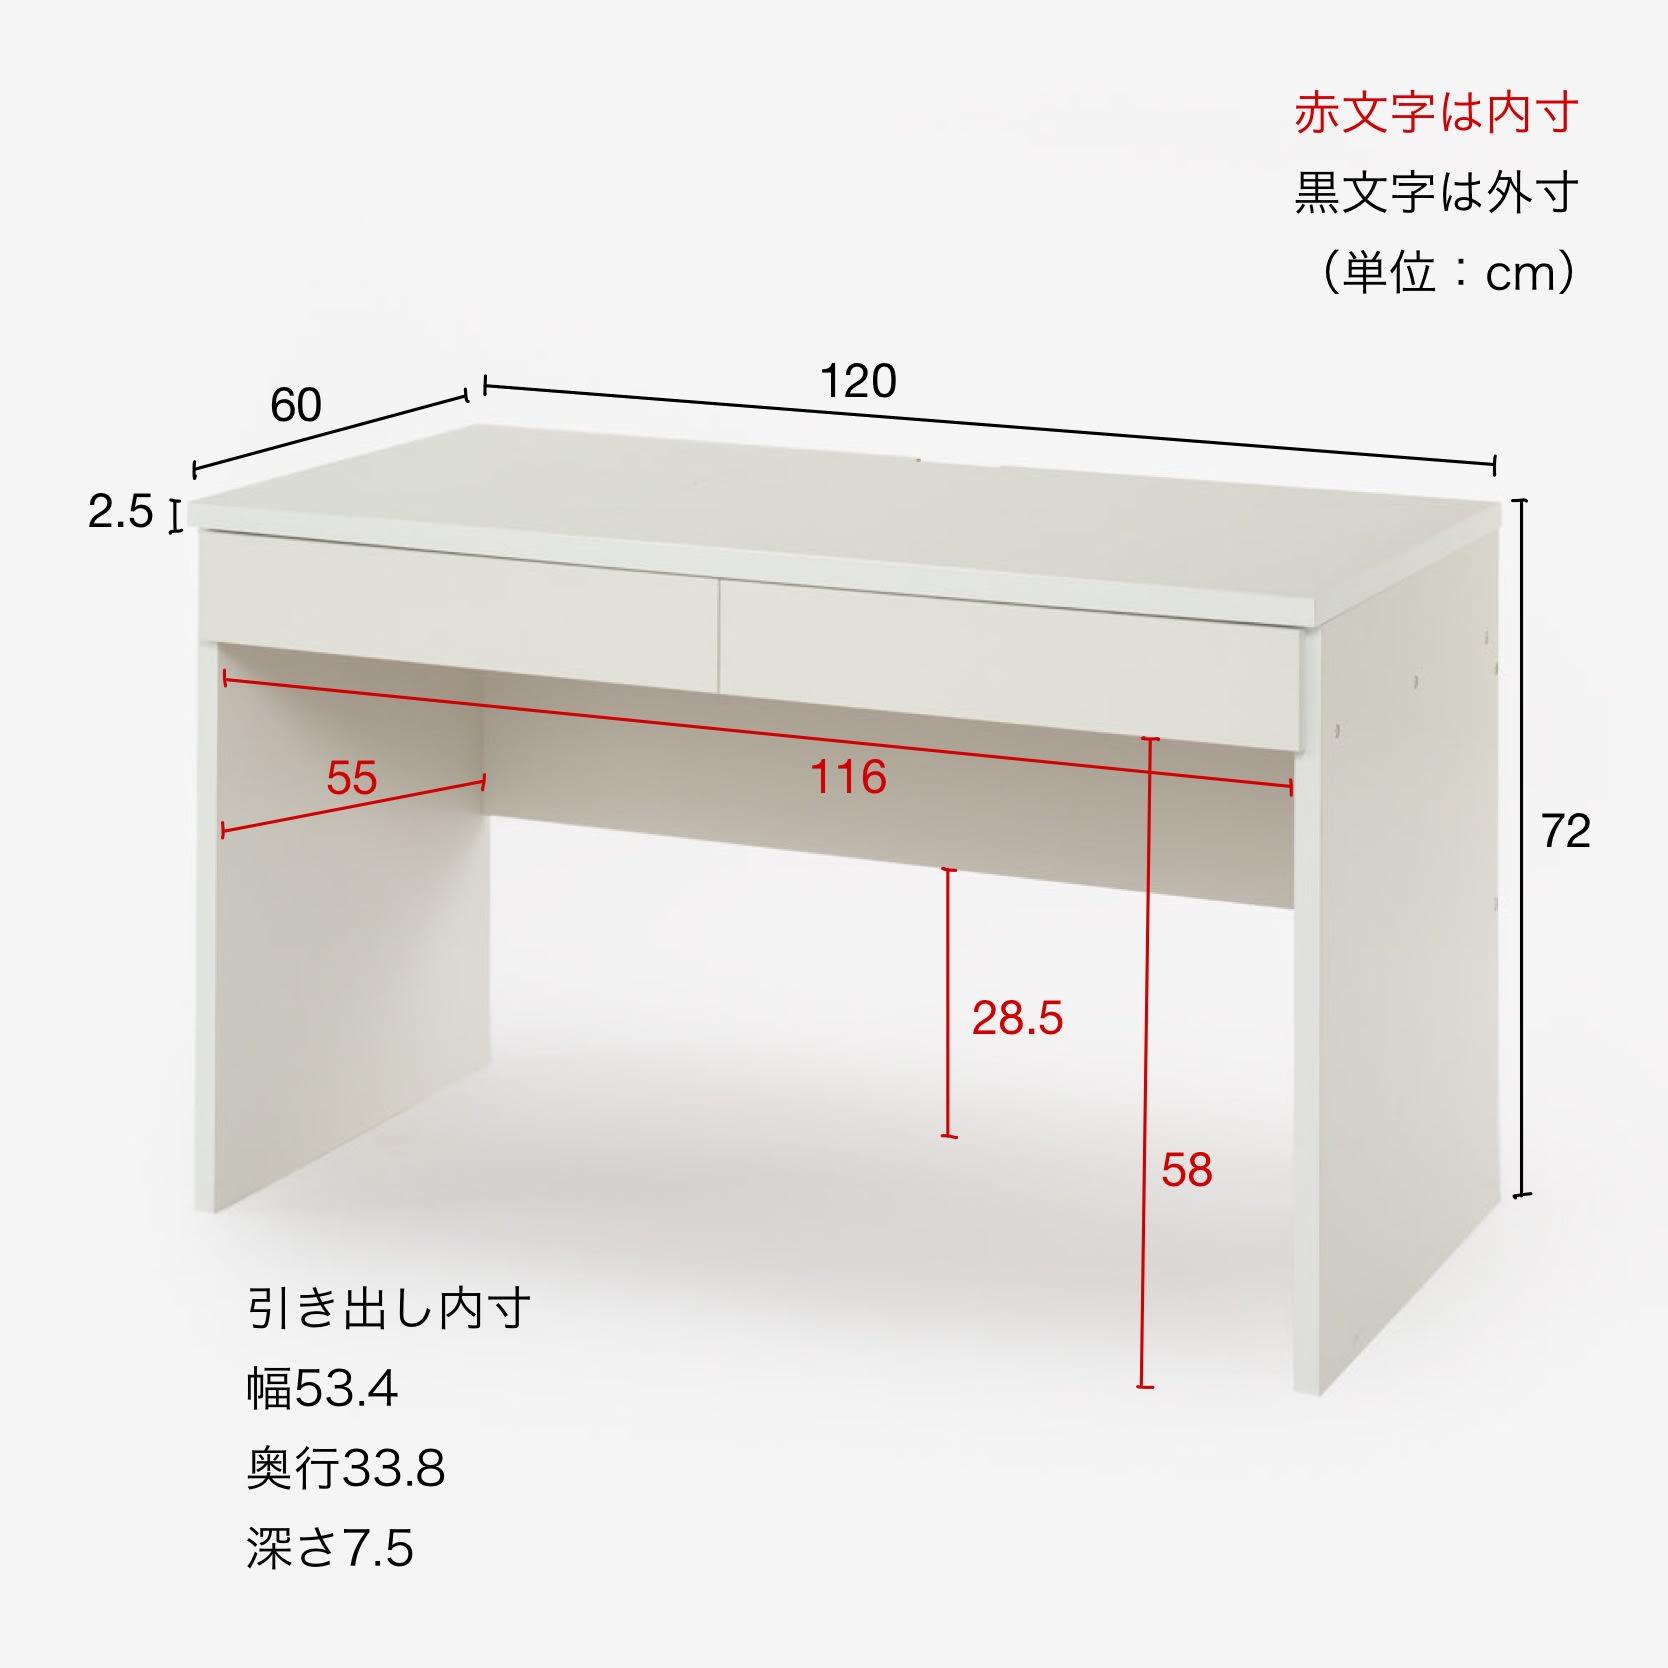 清潔に安心して使える 配線すっきりデスクシリーズ デスク・幅120cm奥行60cm